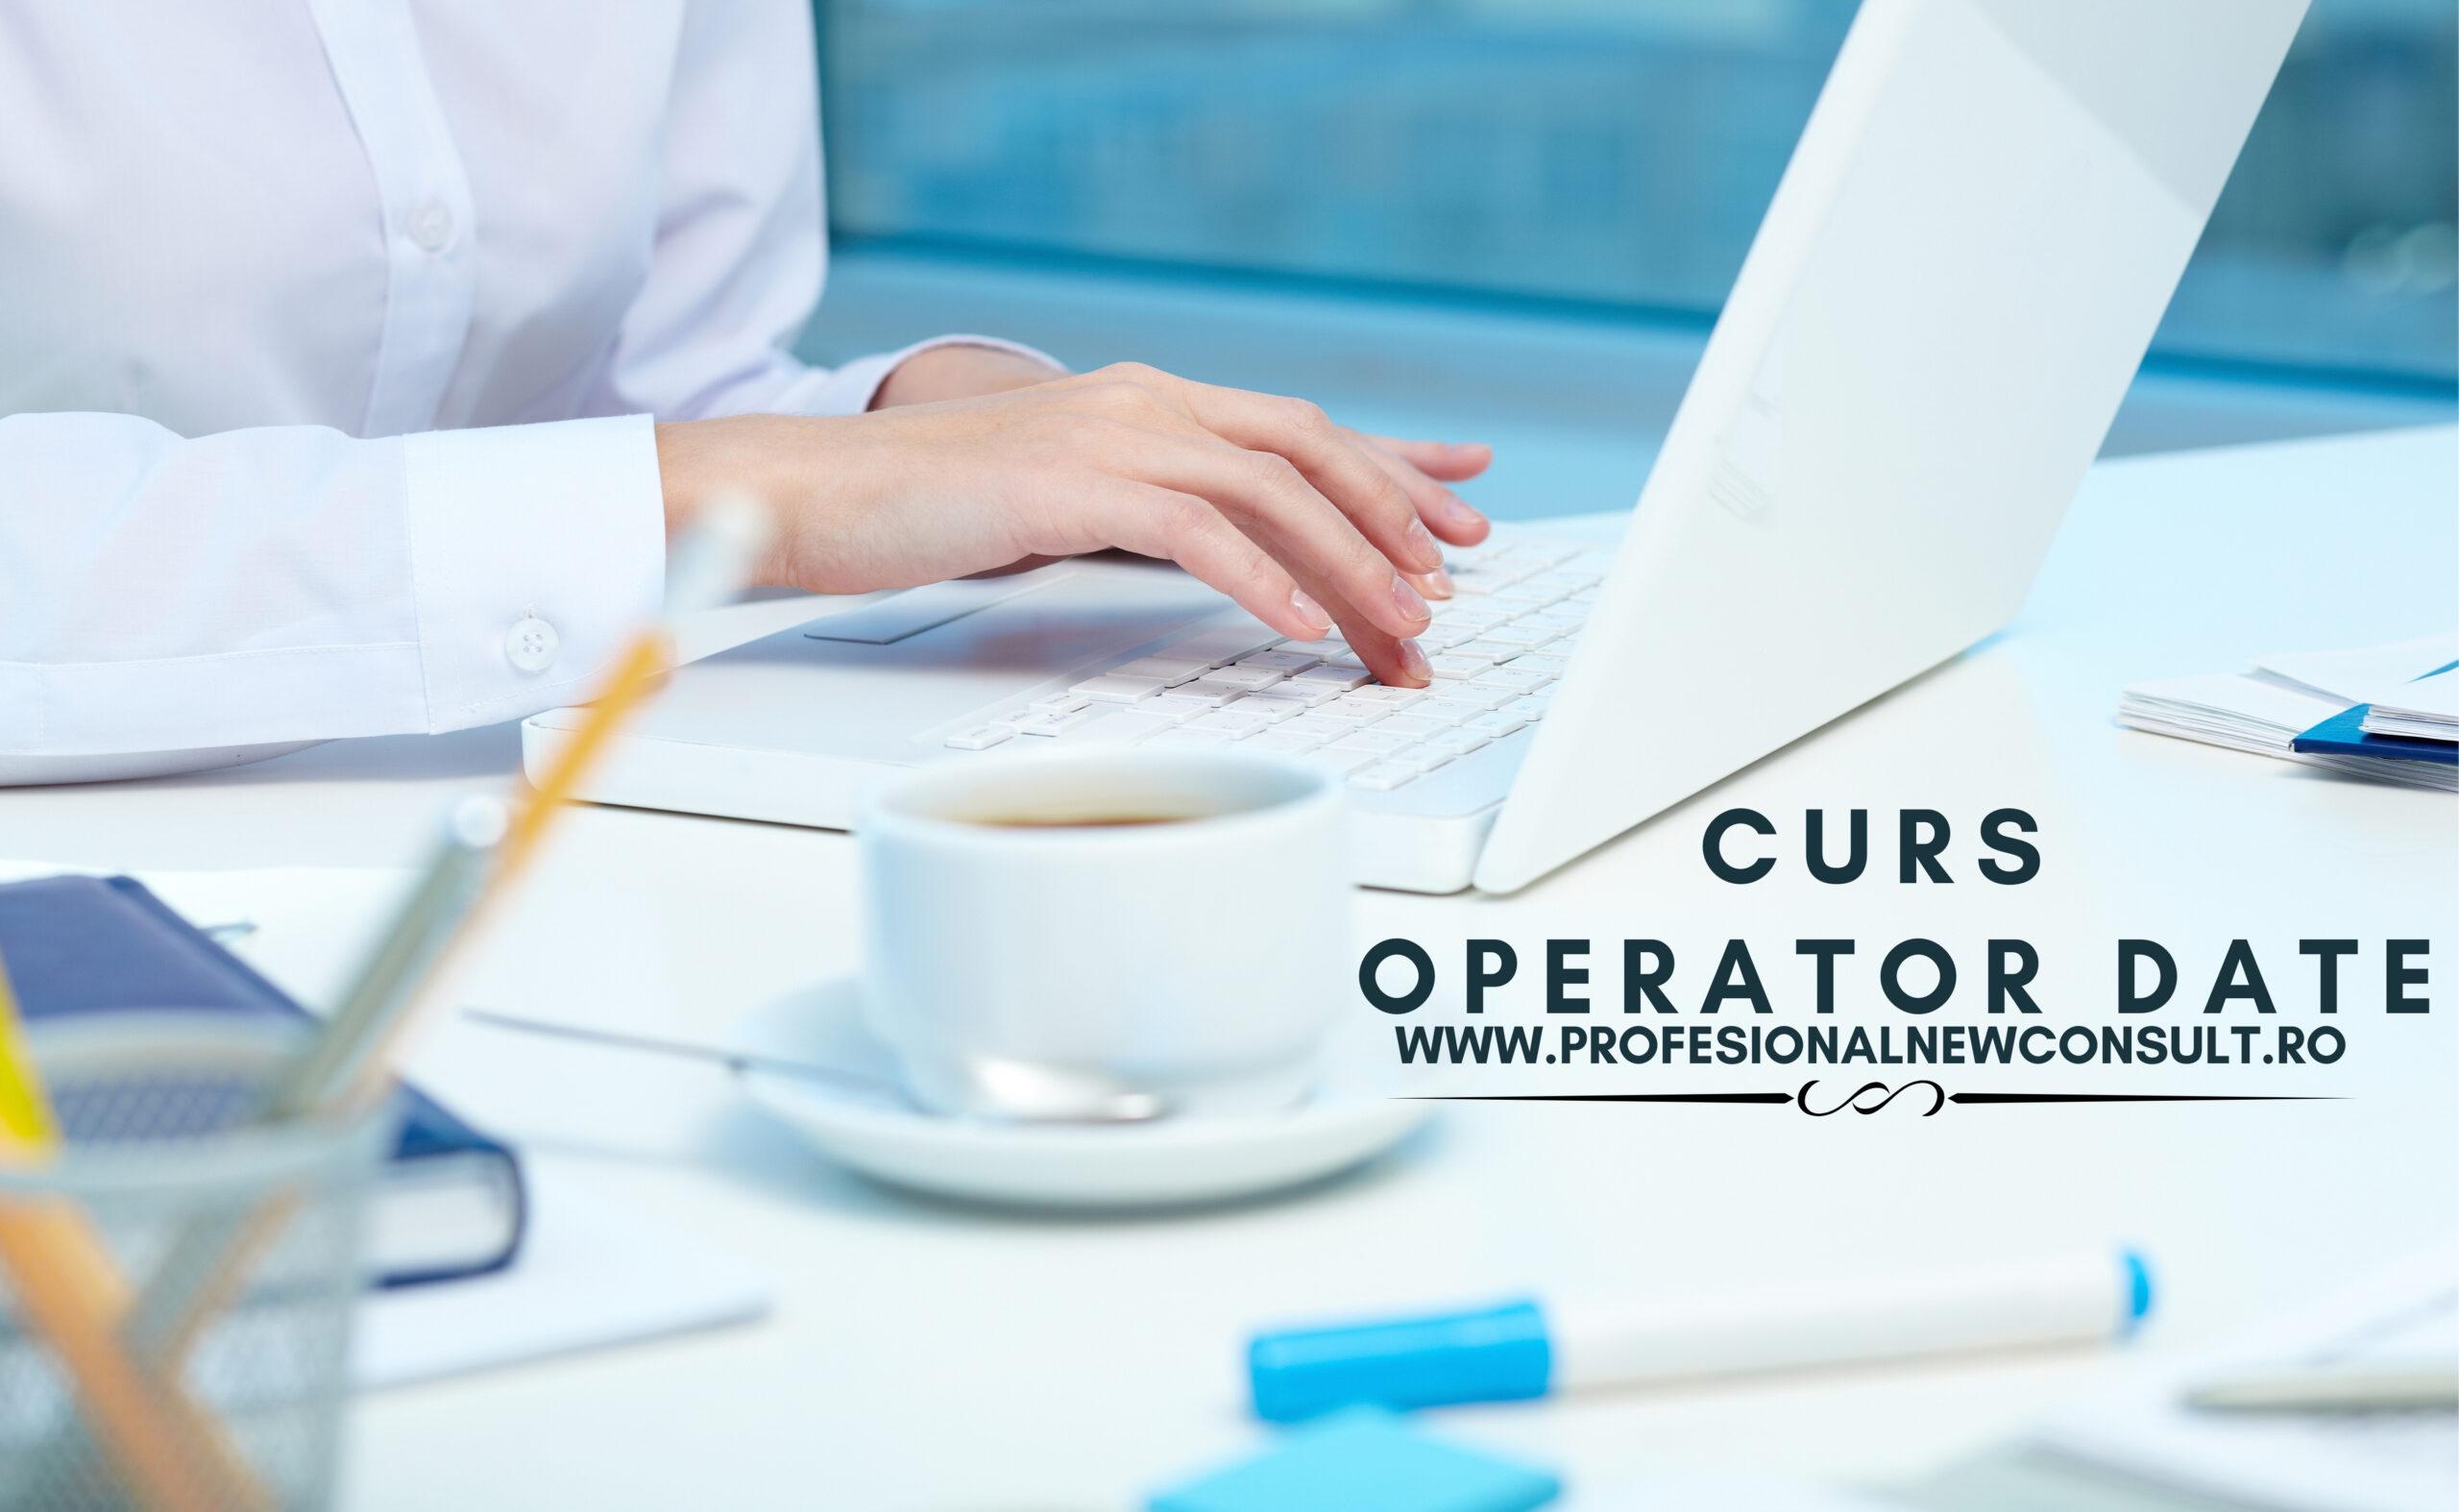 LOCURI LIMITATE la Cursul de Operator Calculator și cele mai tari REDUCERI!